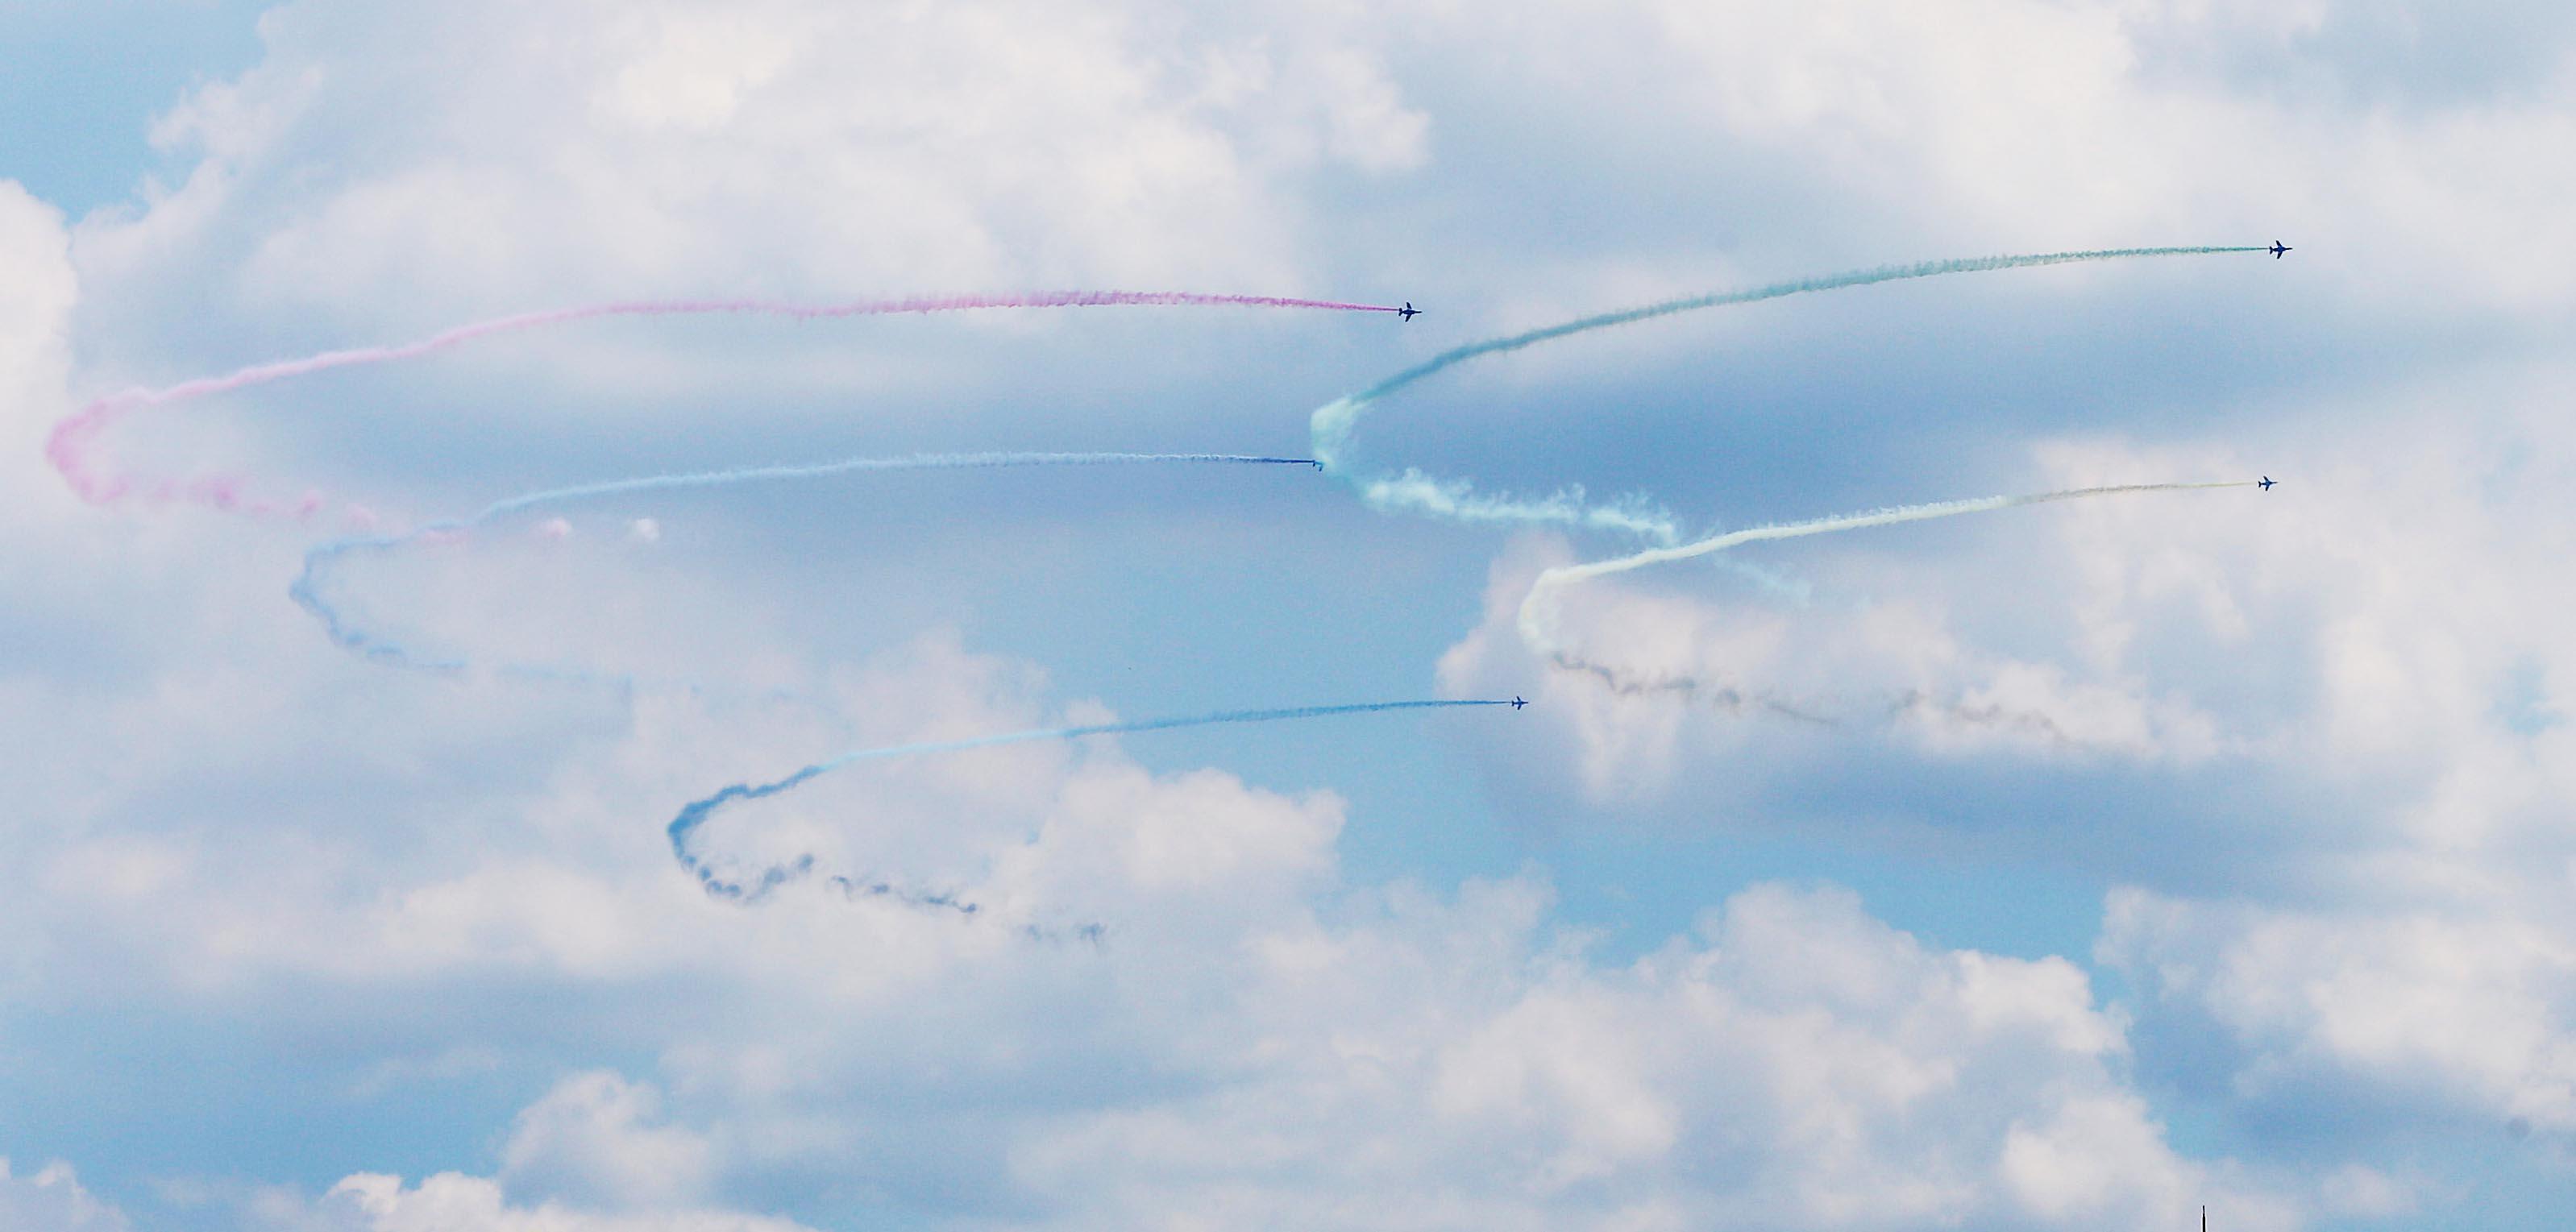 【東京2020 ブルーインパルス】東京五輪の開会式を前にブルーインパルスが東京上空に五輪マークを描いた =23日、東京都内(尾崎修二撮影)